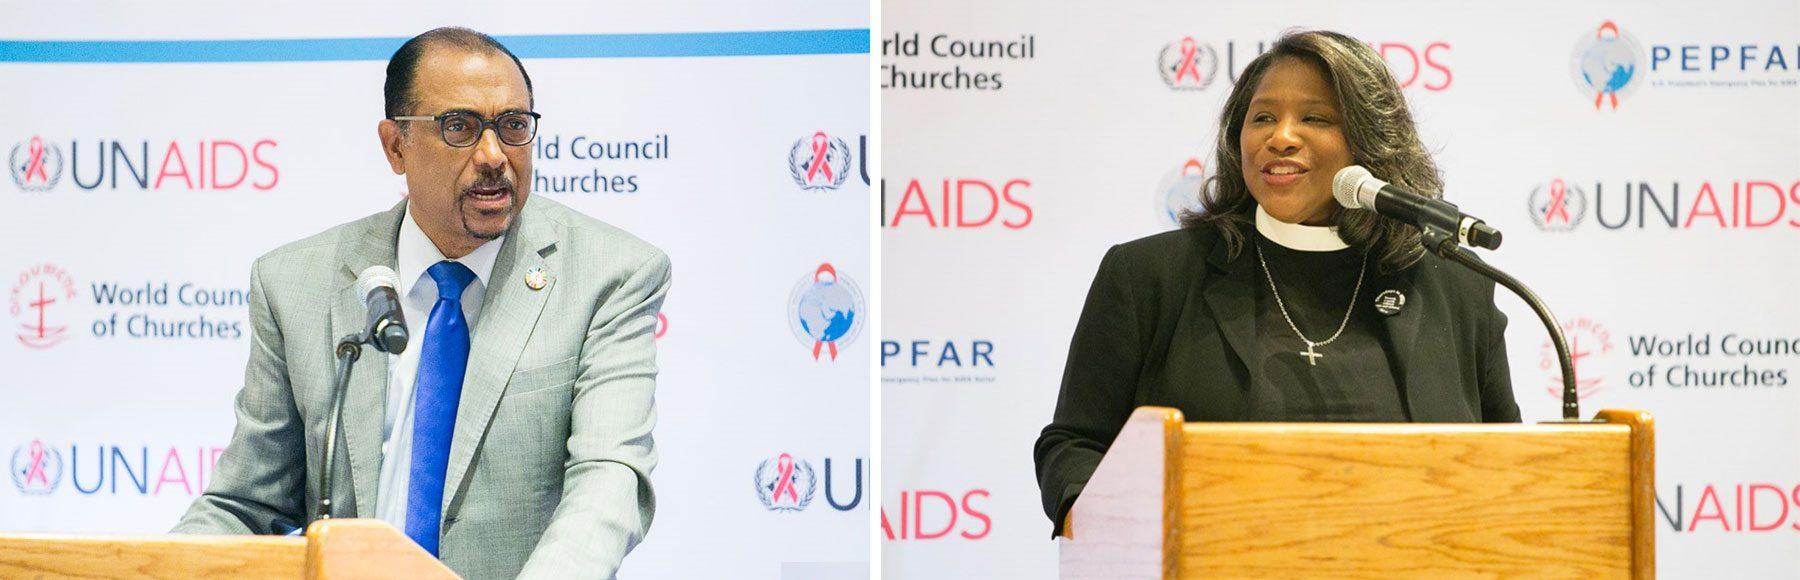 parcerias com organizações religiosas